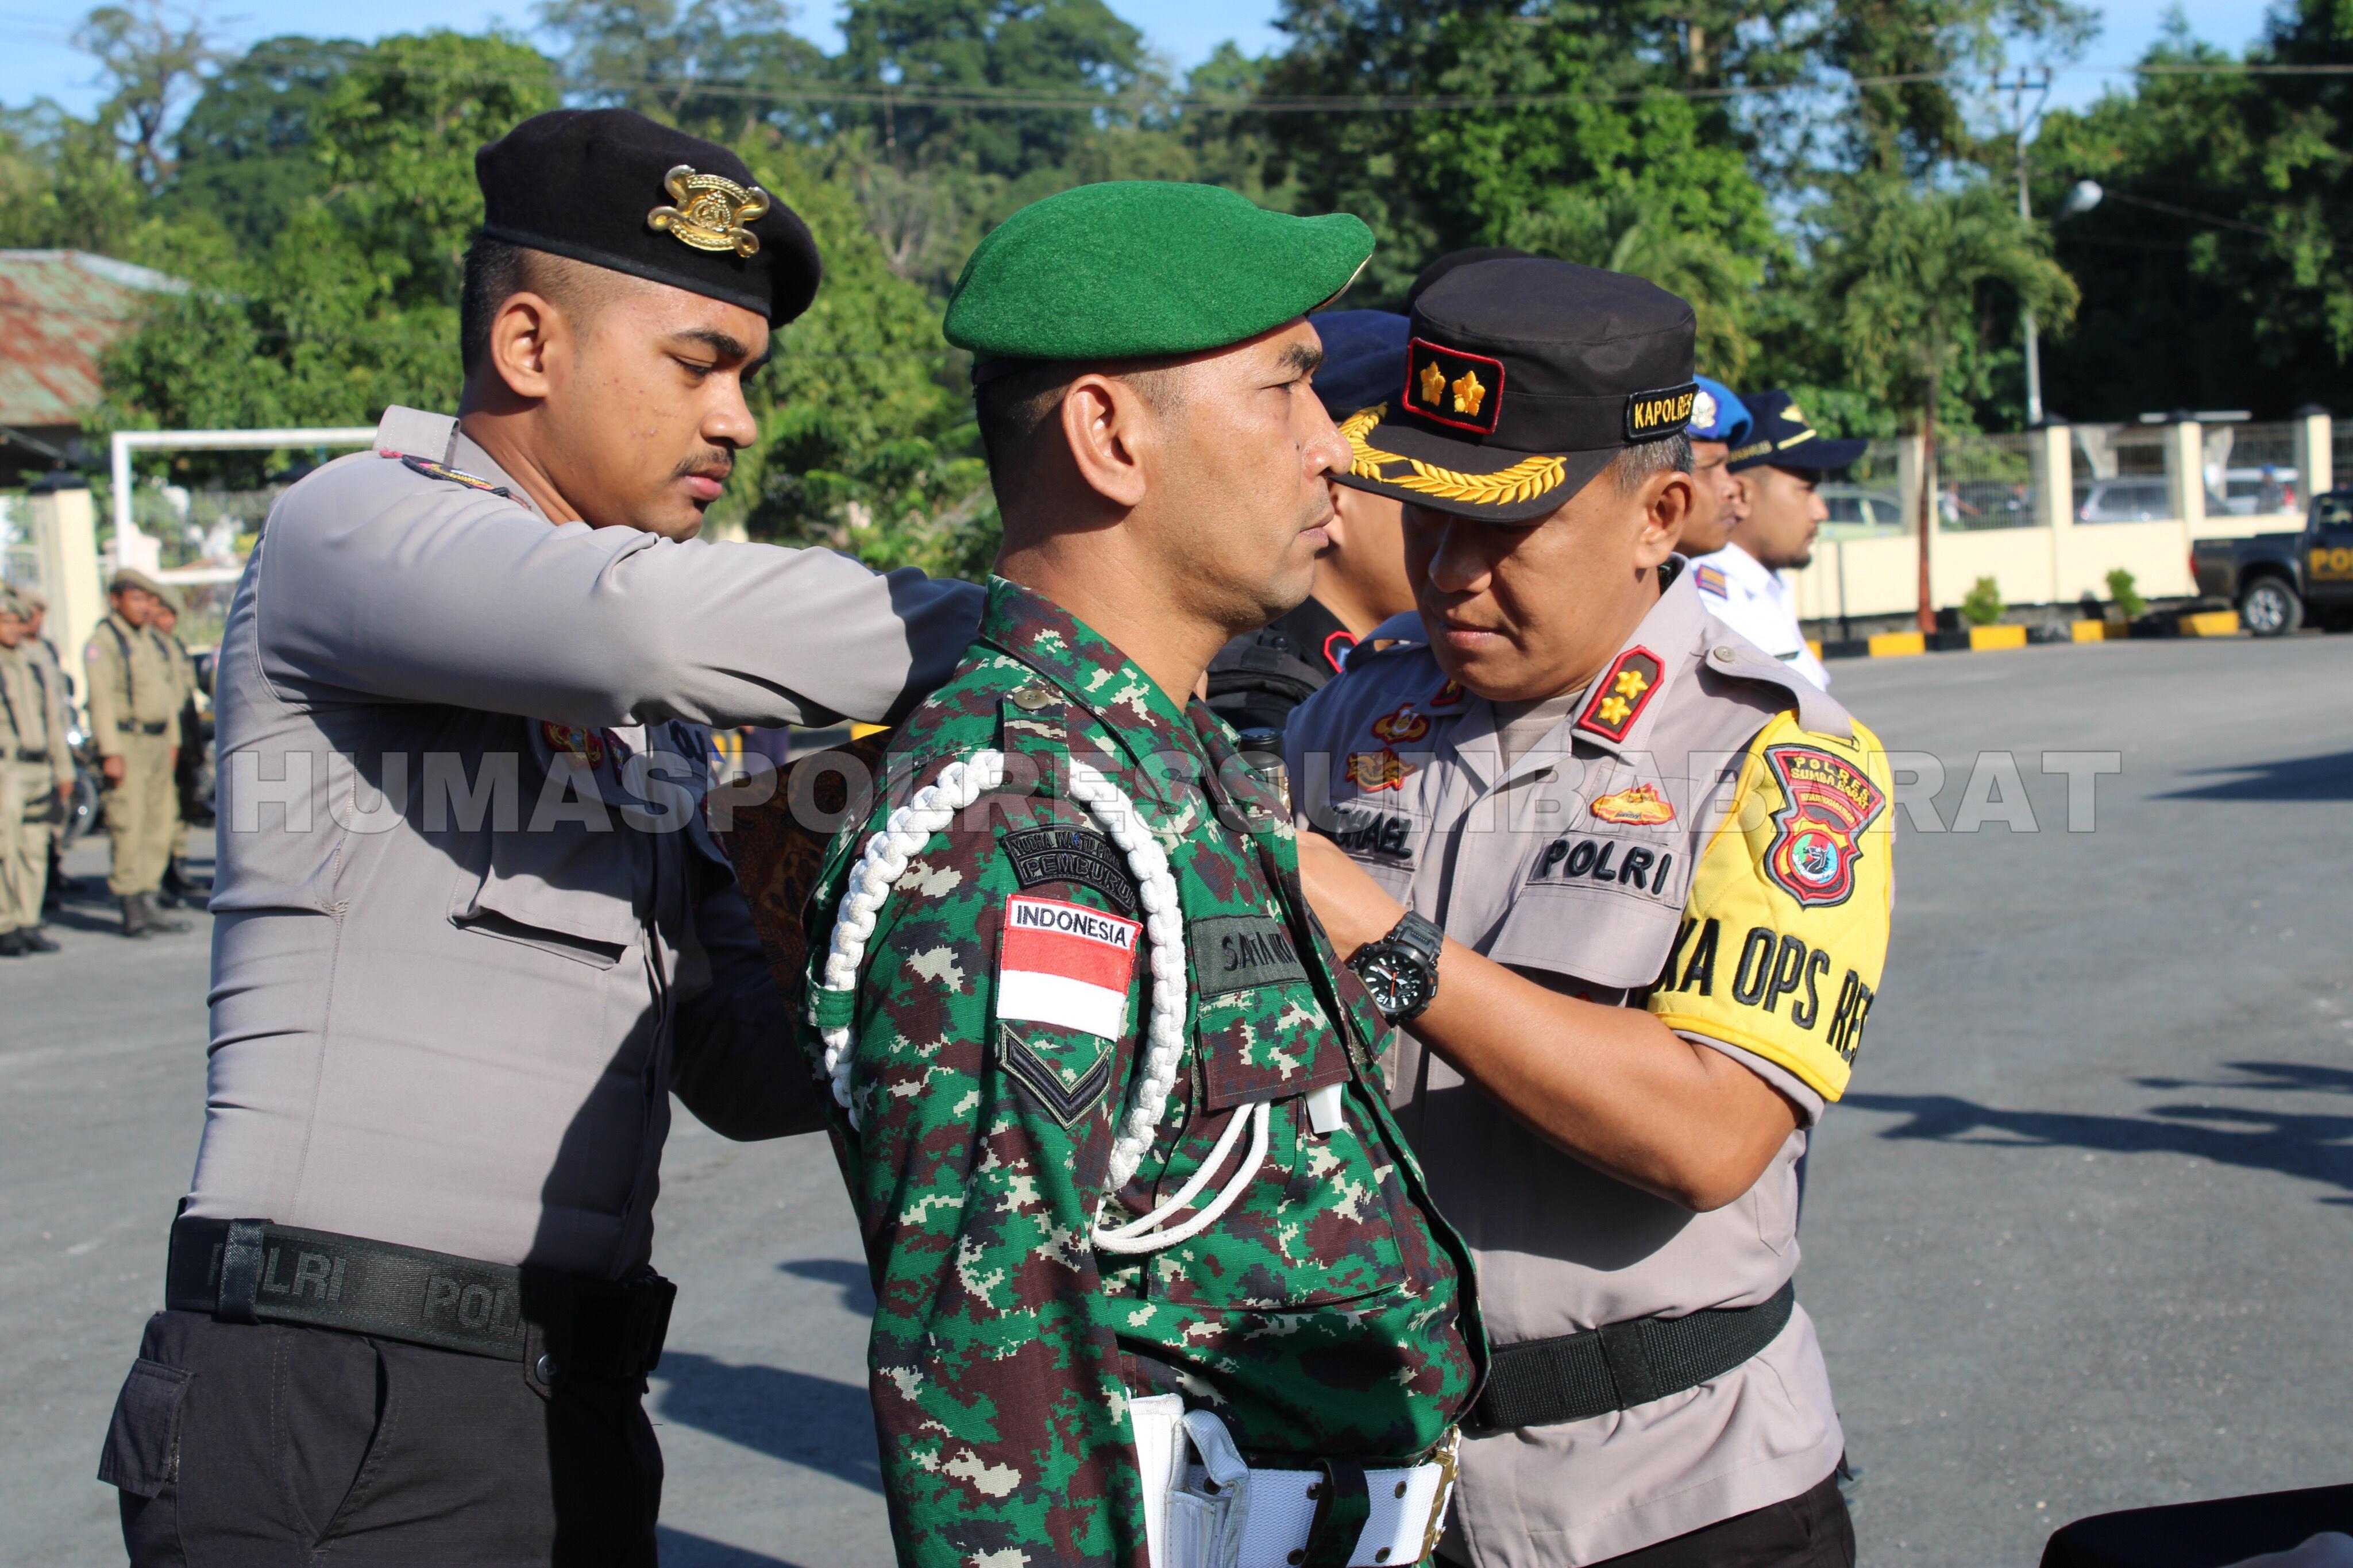 Apel Gelar Pasukan Polres Sumba Barat Dalam Rangka Operasi Kepolisian Terpusat